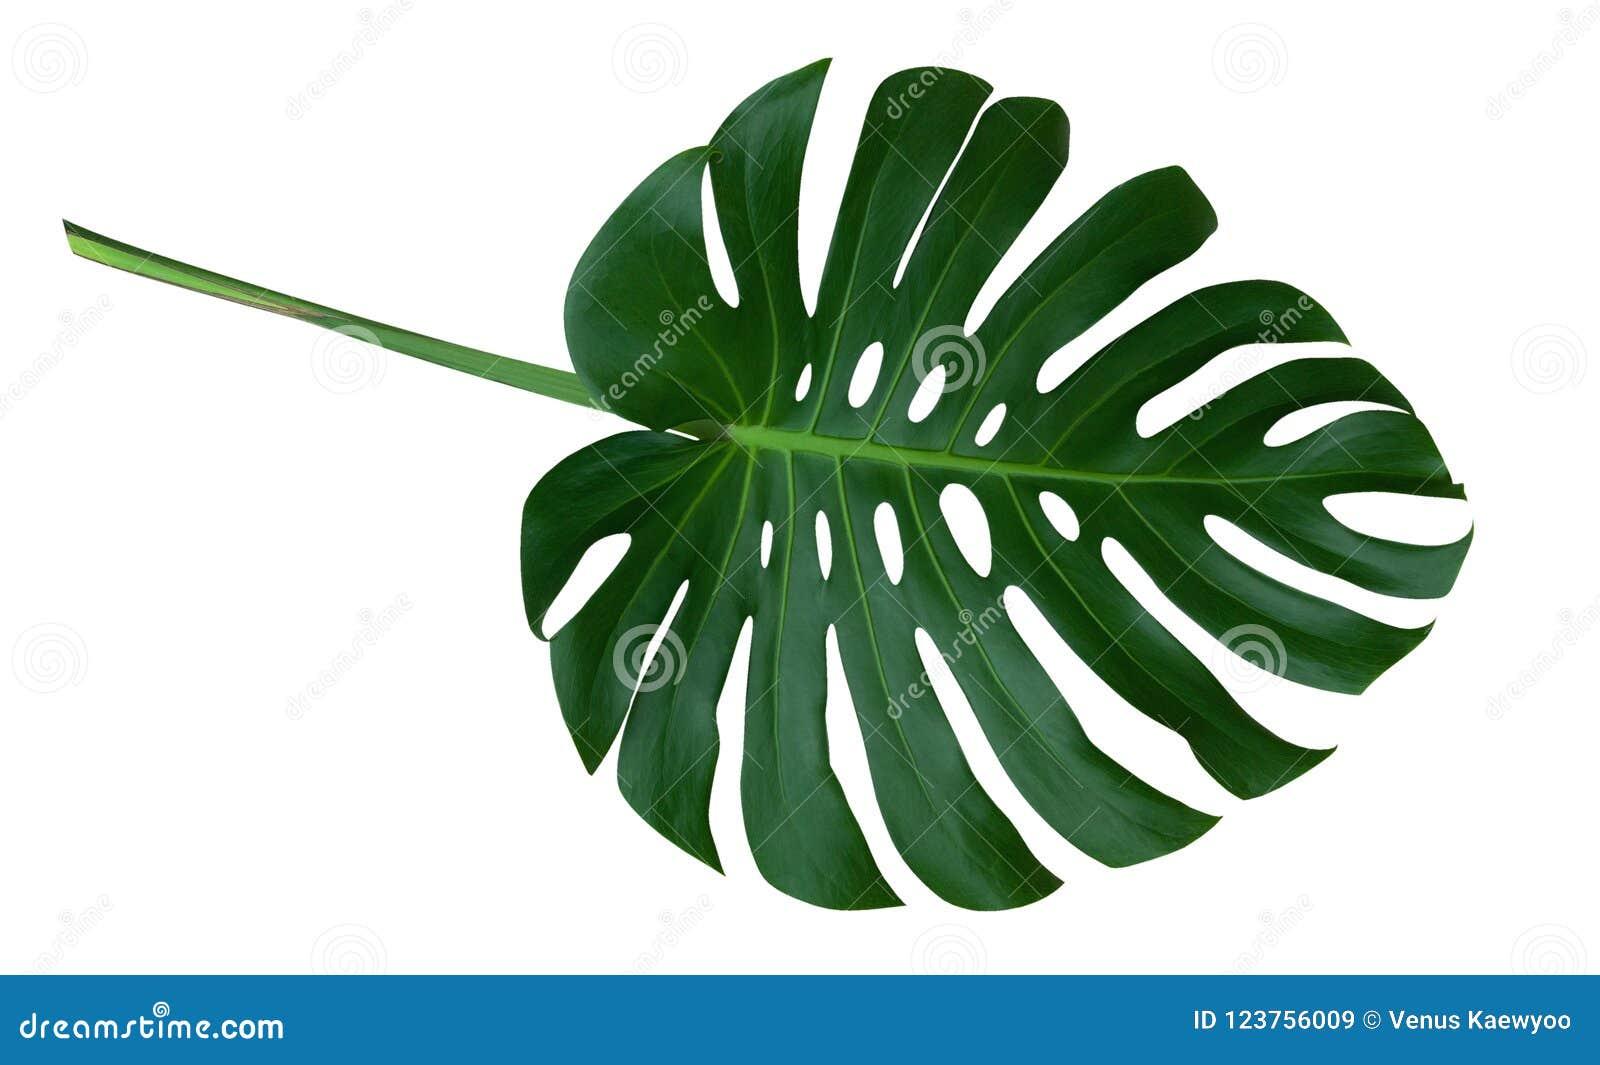 Zielony monstera rośliny liść z badylem tropikalny wiecznozielony winograd odizolowywający na białym tle, ścinek ścieżka